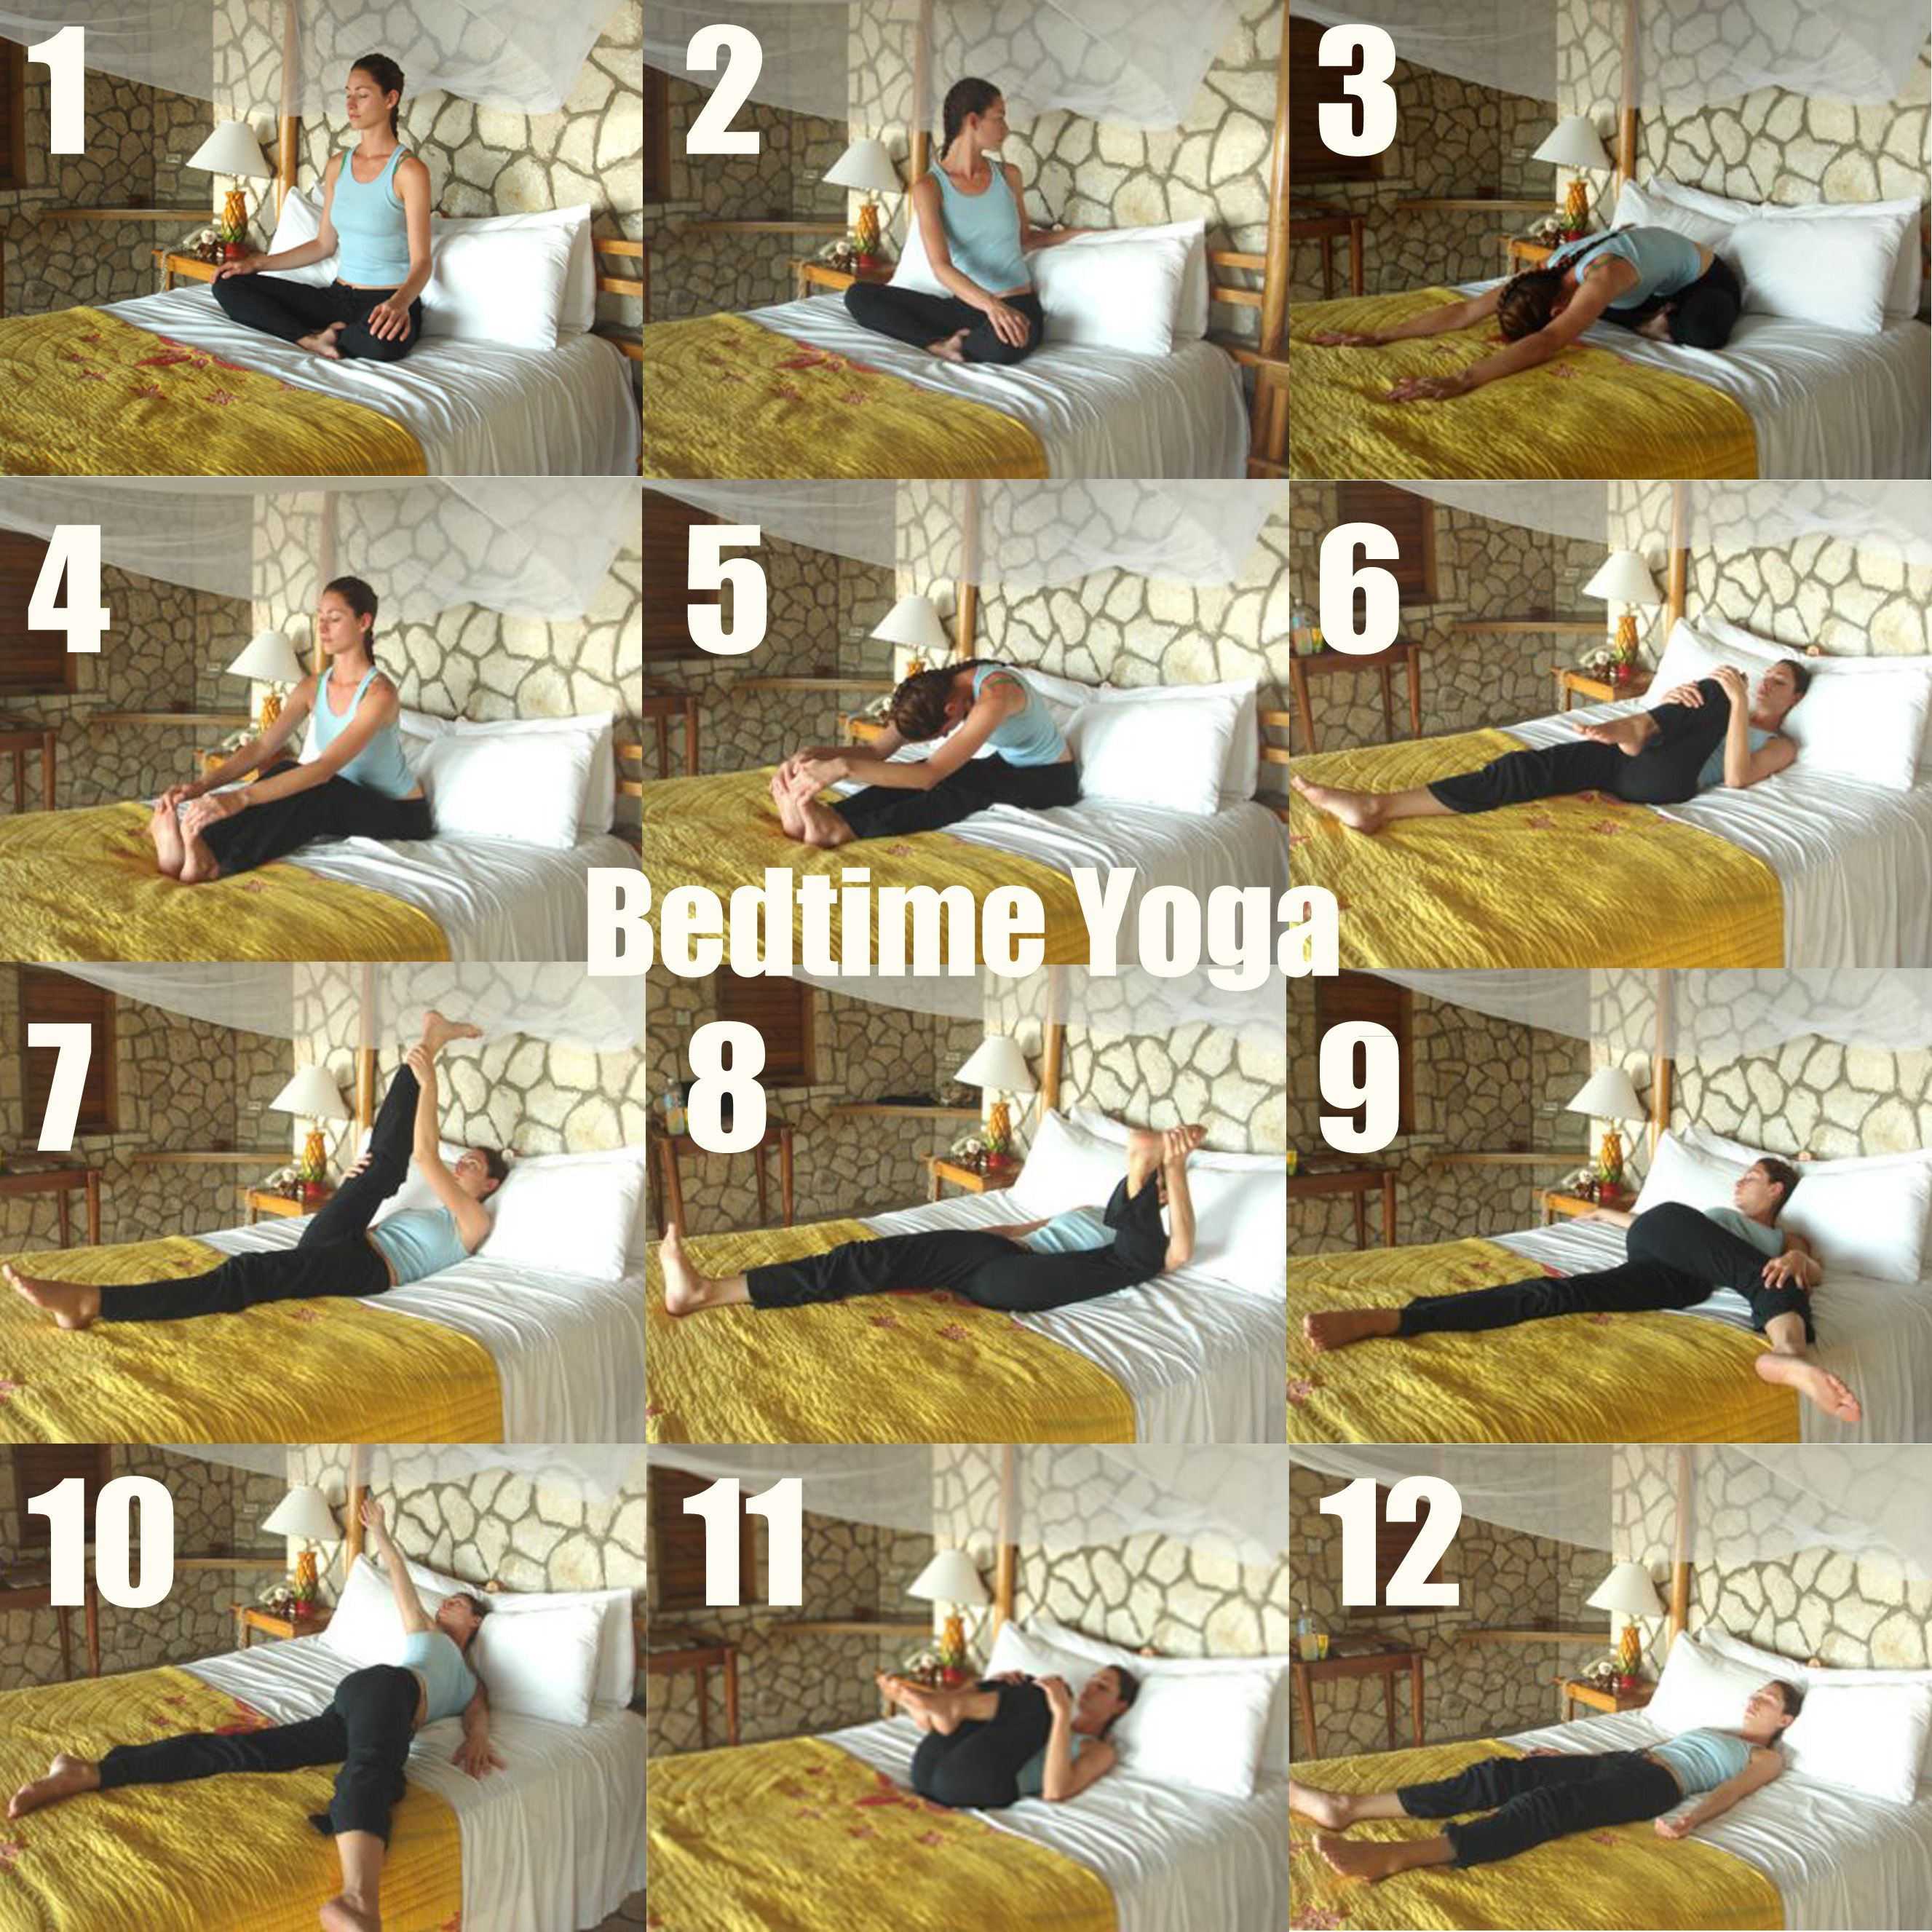 Yoga for Bedtime Bedtime yoga, Night yoga, Sleep yoga